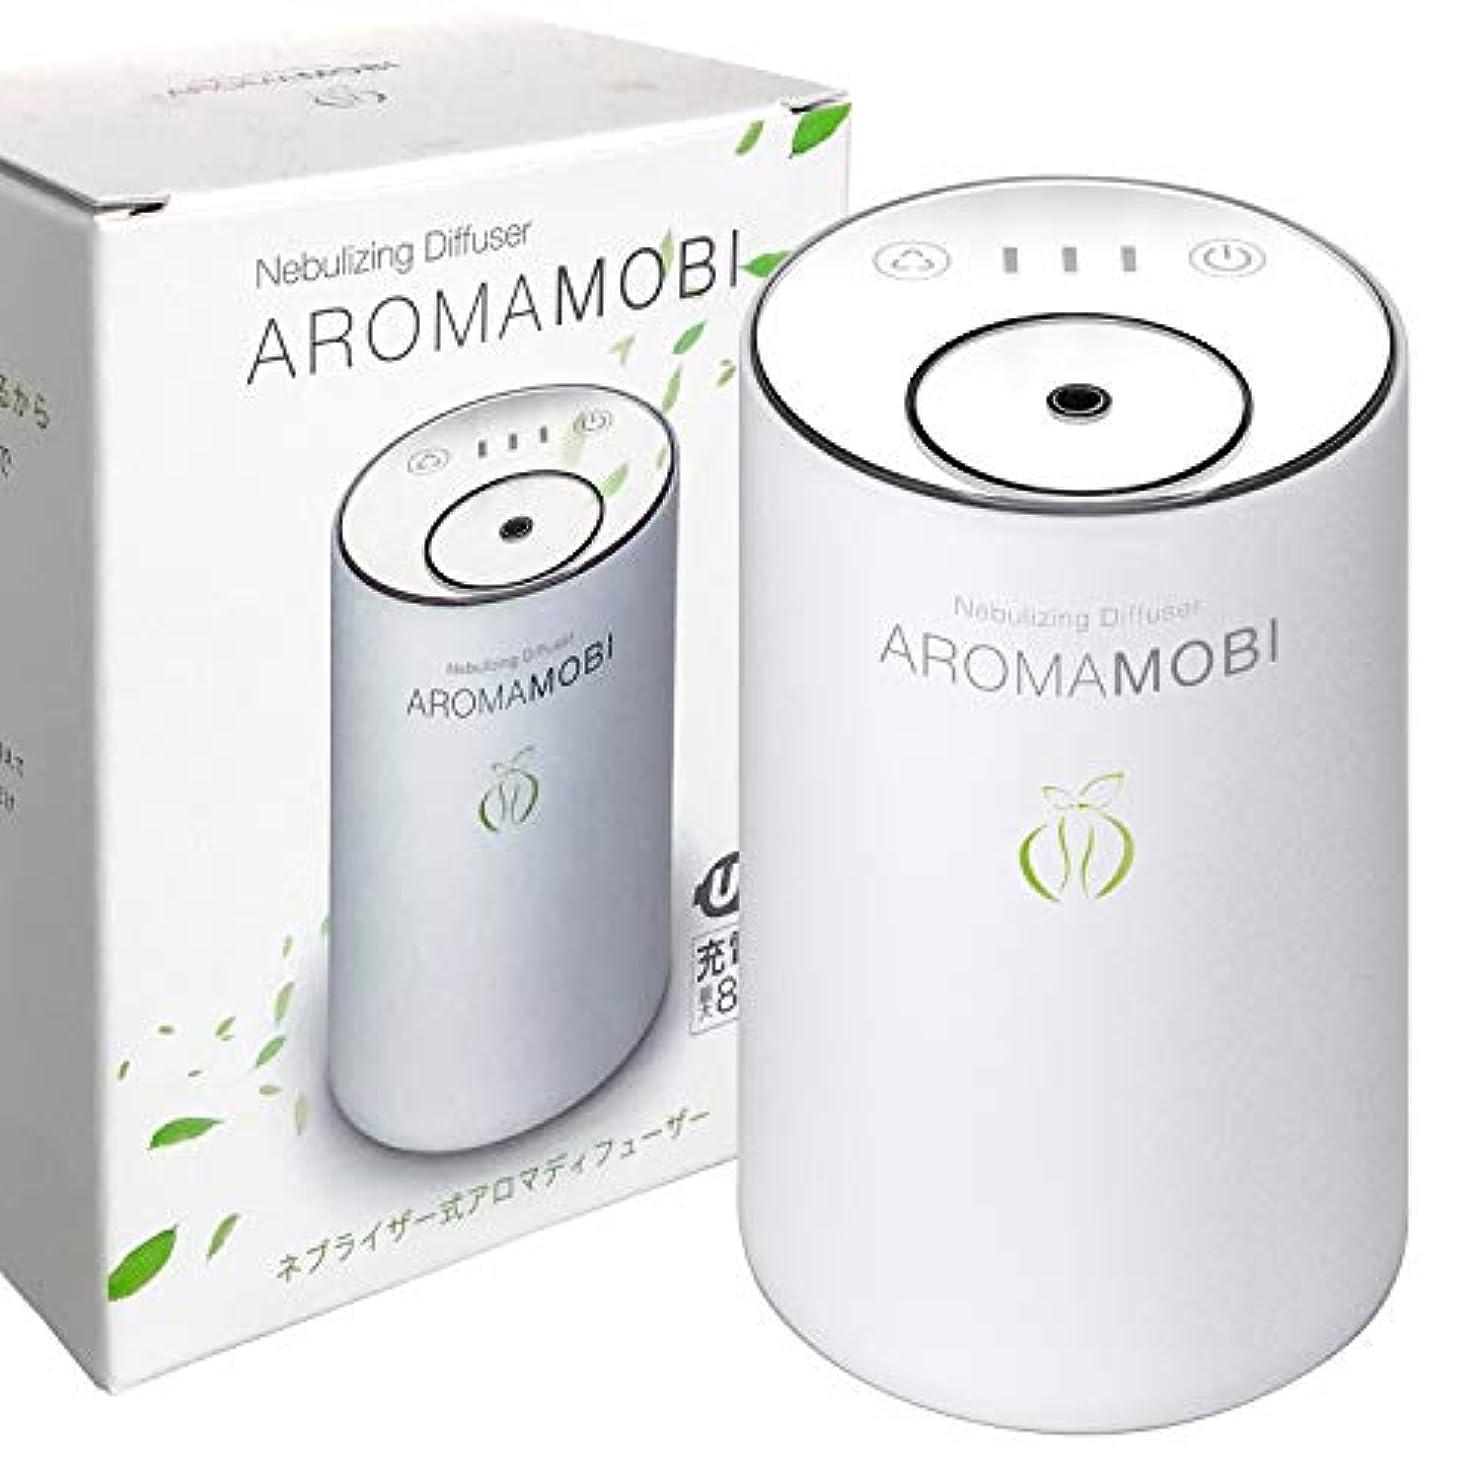 溝尊厳勃起funks AROMA MOBI 充電式 アロマディフューザー ネブライザー式 ホワイト